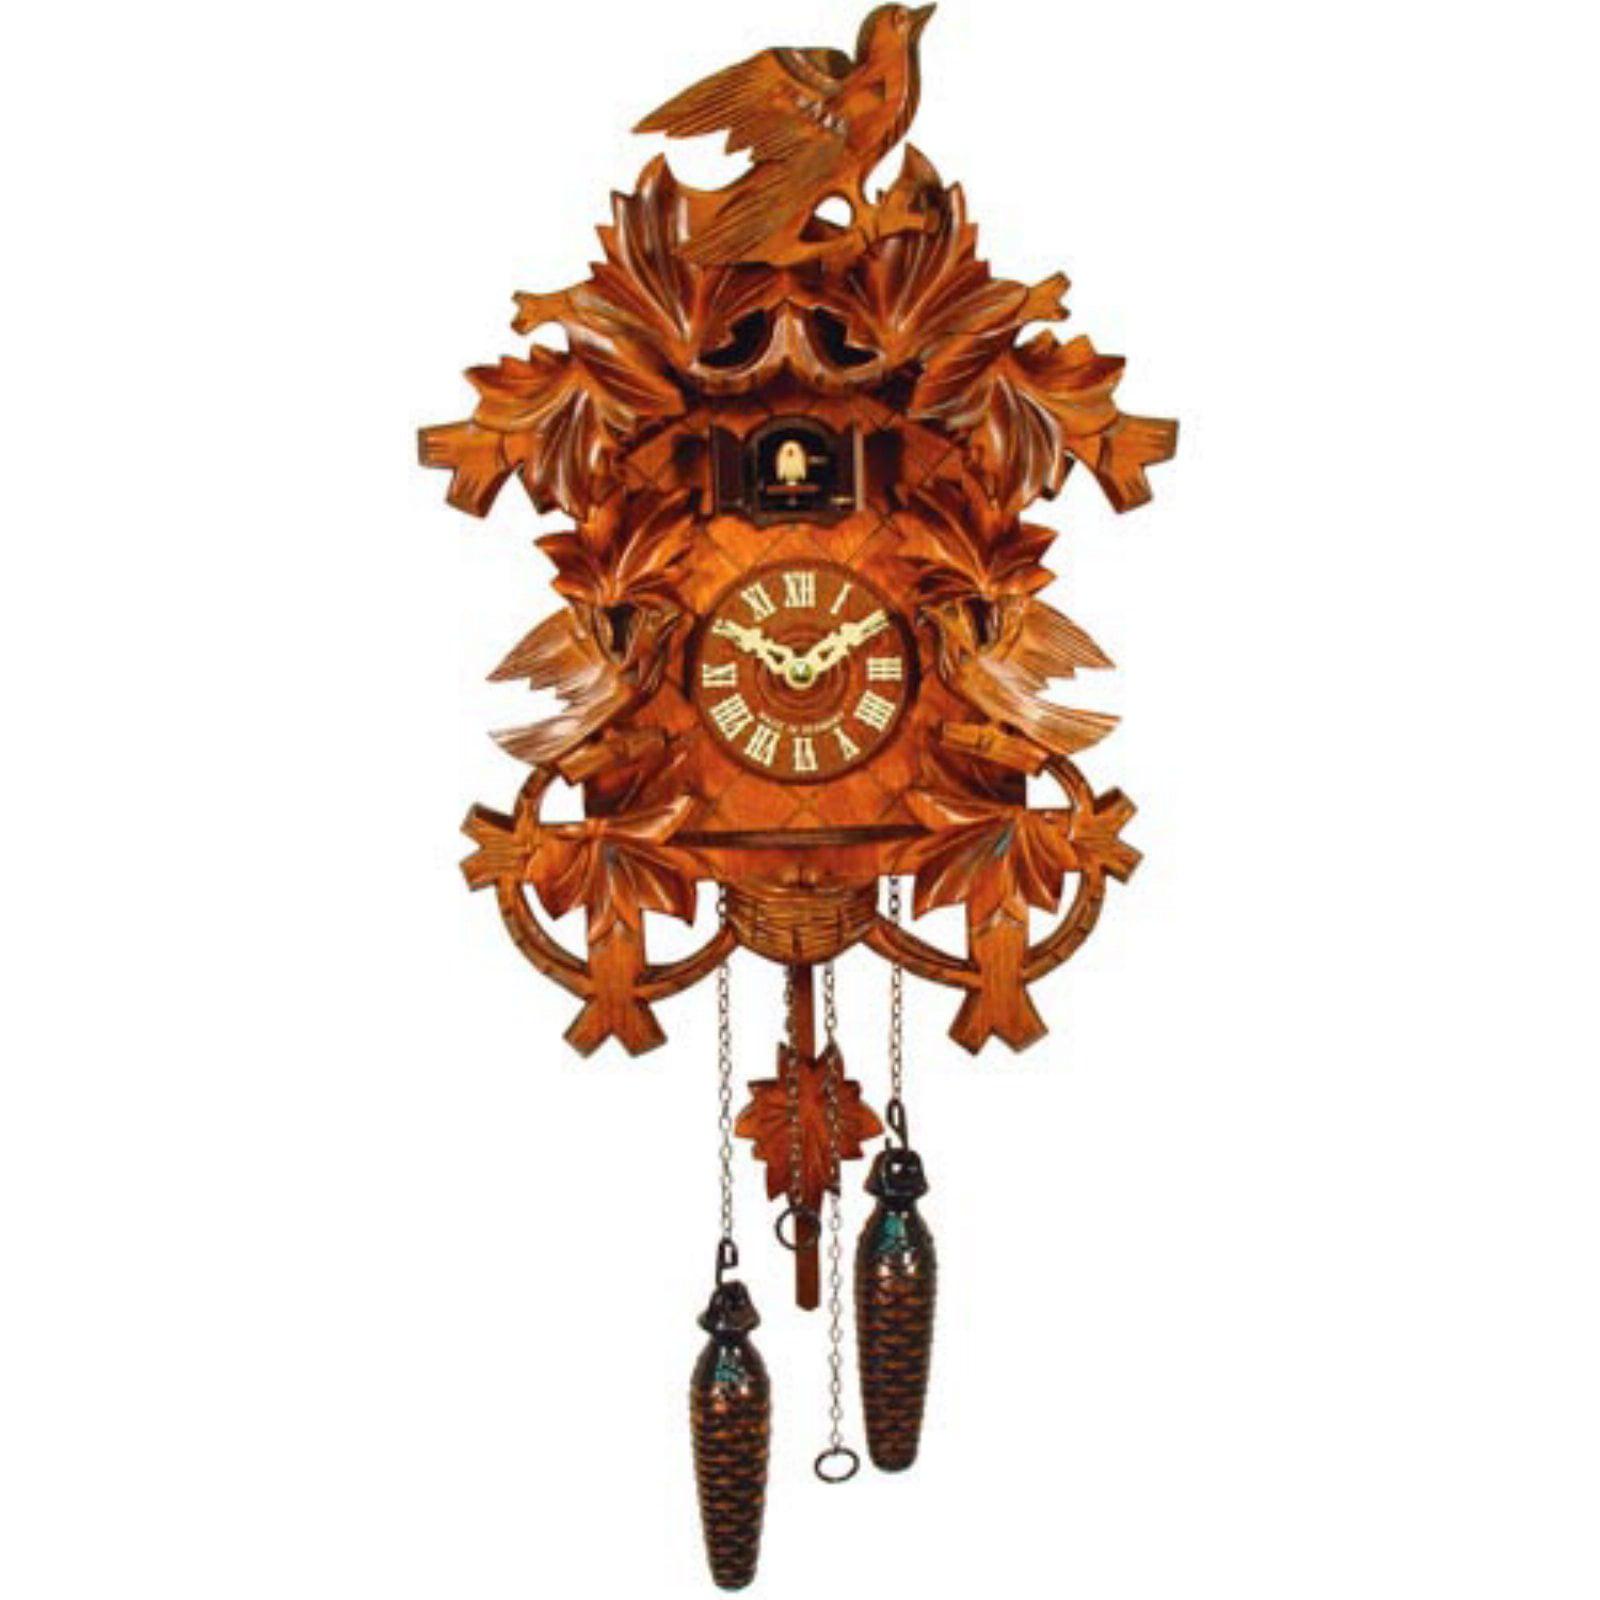 Carved Yellow Cuckoo Bird Cuckoo Clock by Alexander Taron